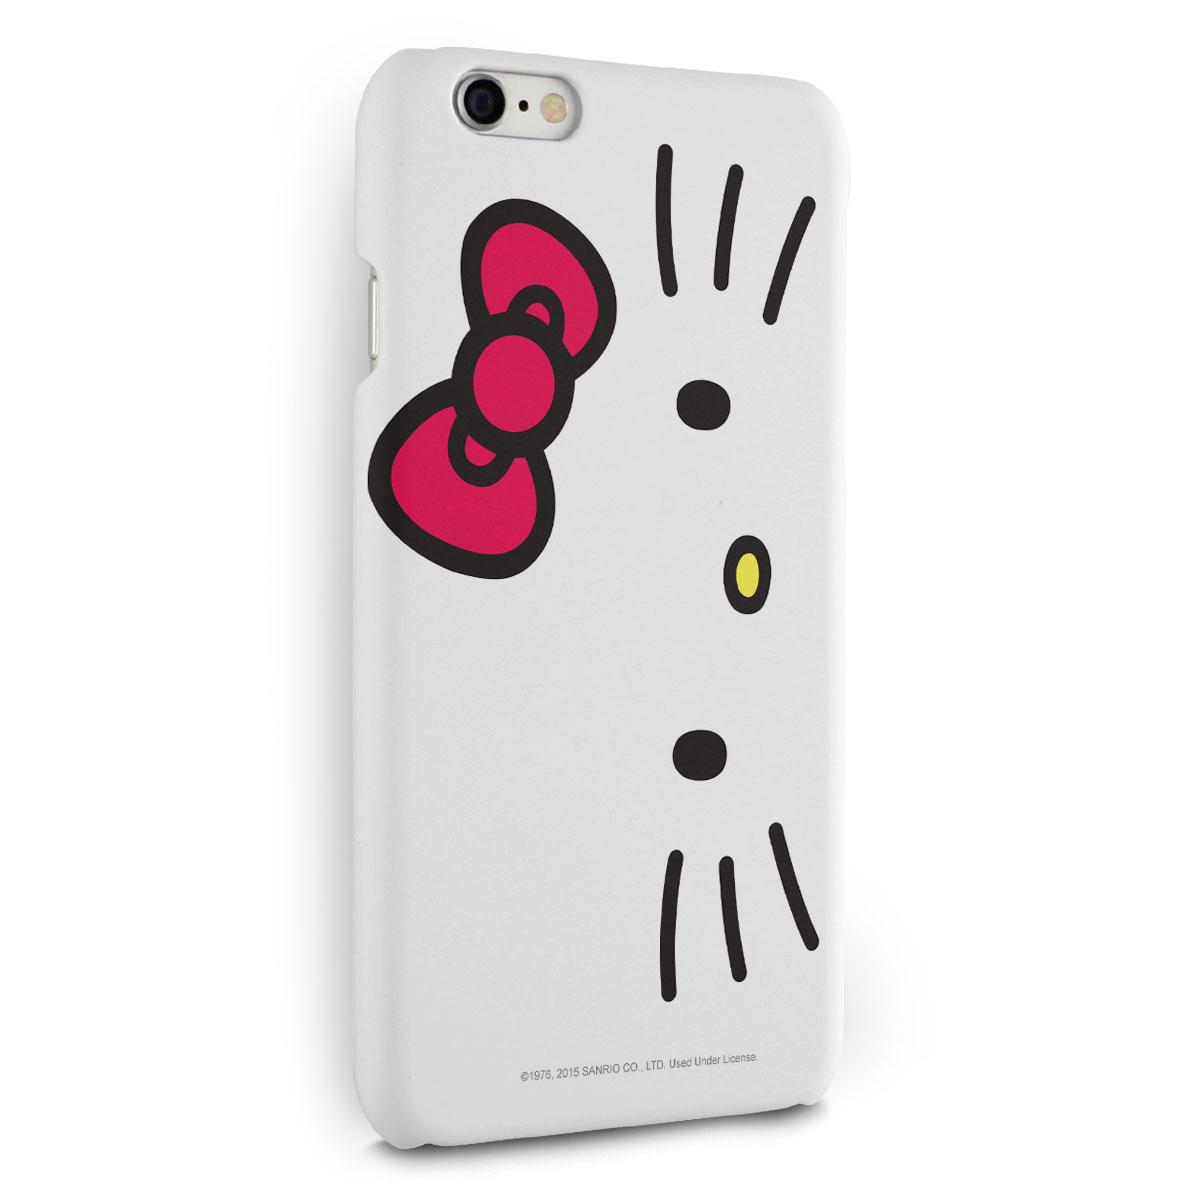 Capa para iPhone 6/6S Plus Hello Kitty White